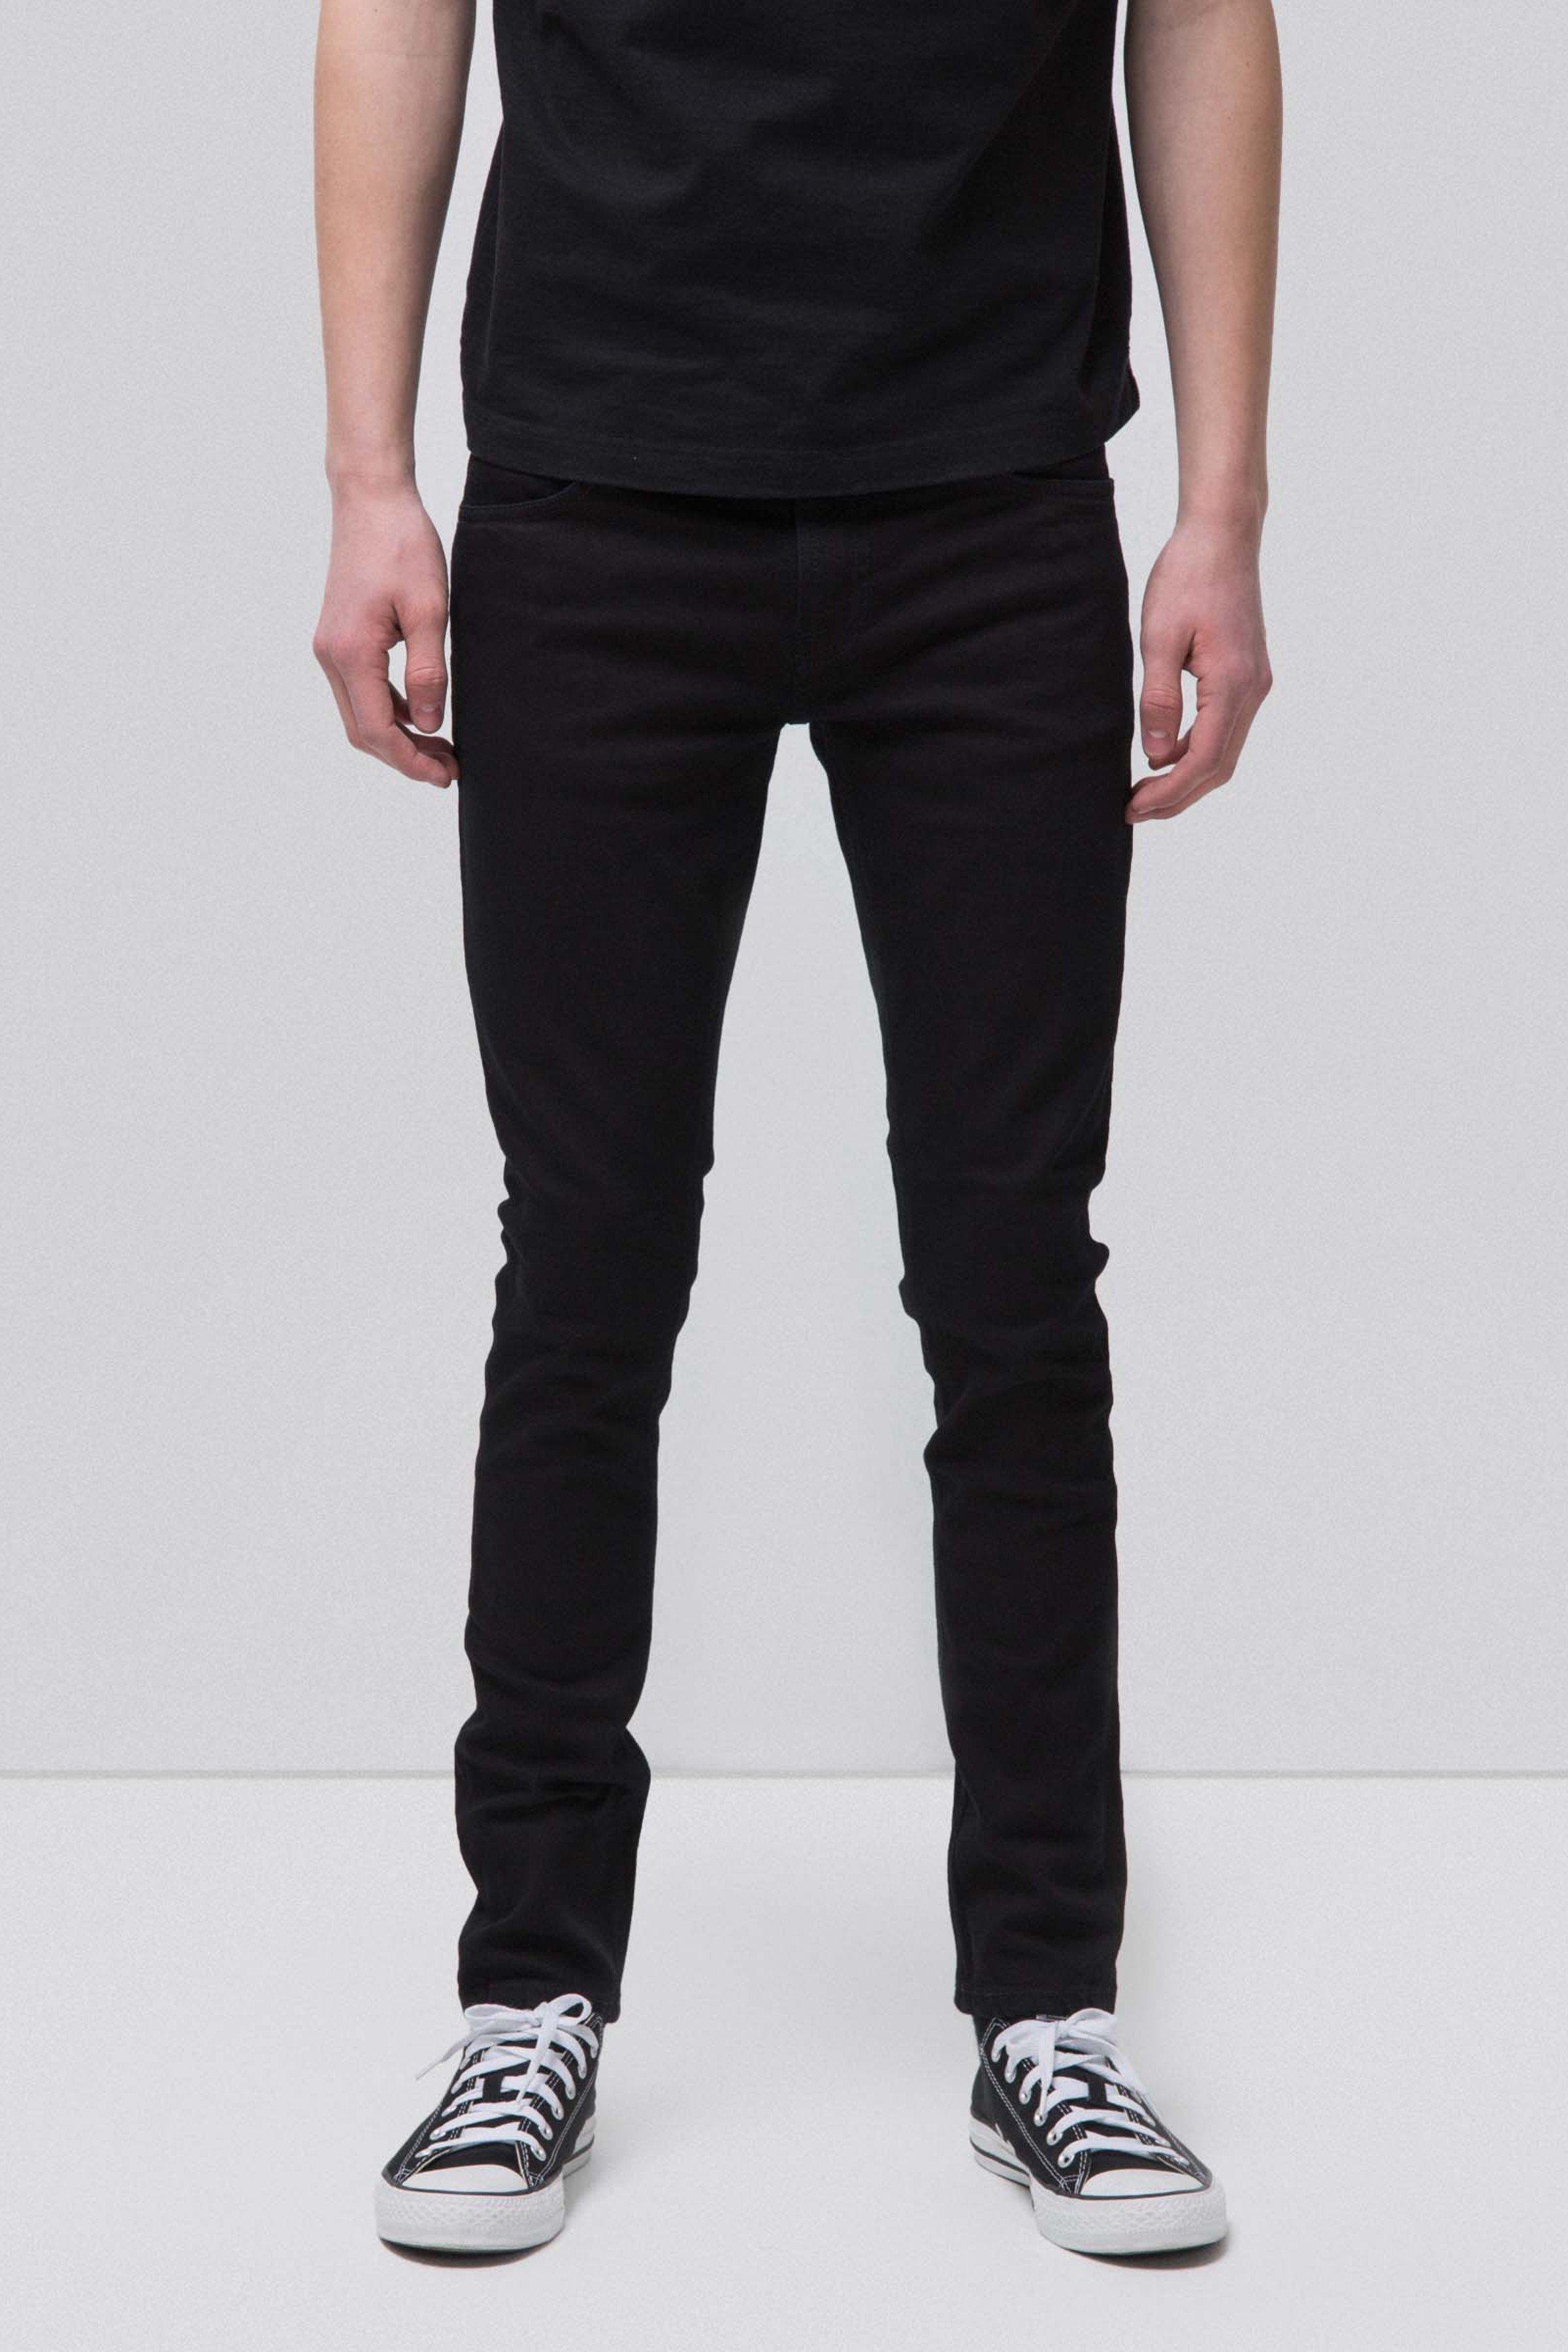 Jeans Skinny Lin Black Black from LOVECO